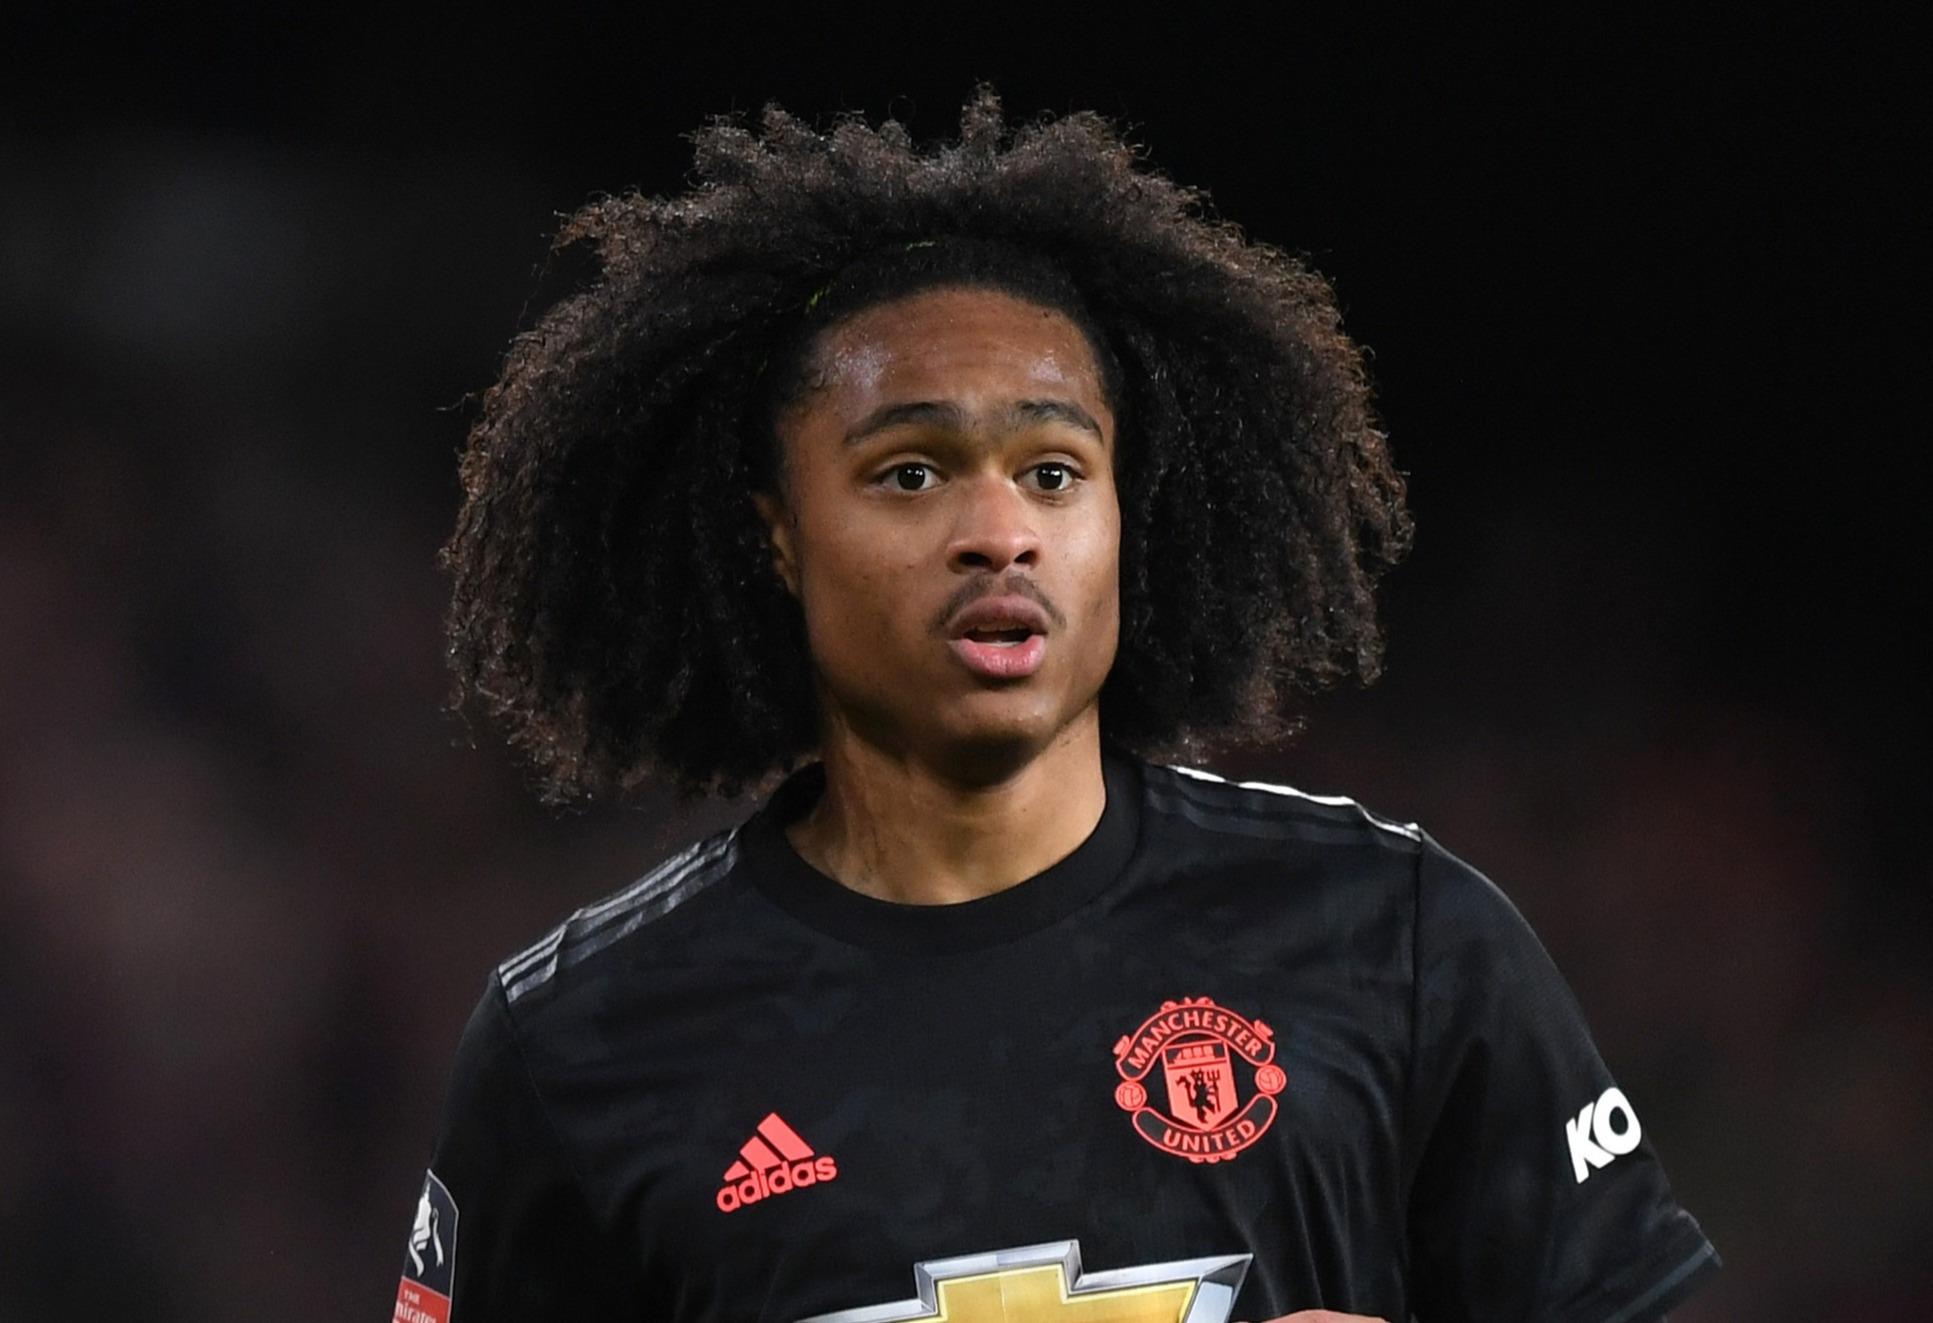 Манчестър Юнайтед праща млад талант под наем във Вердер Бремен 1